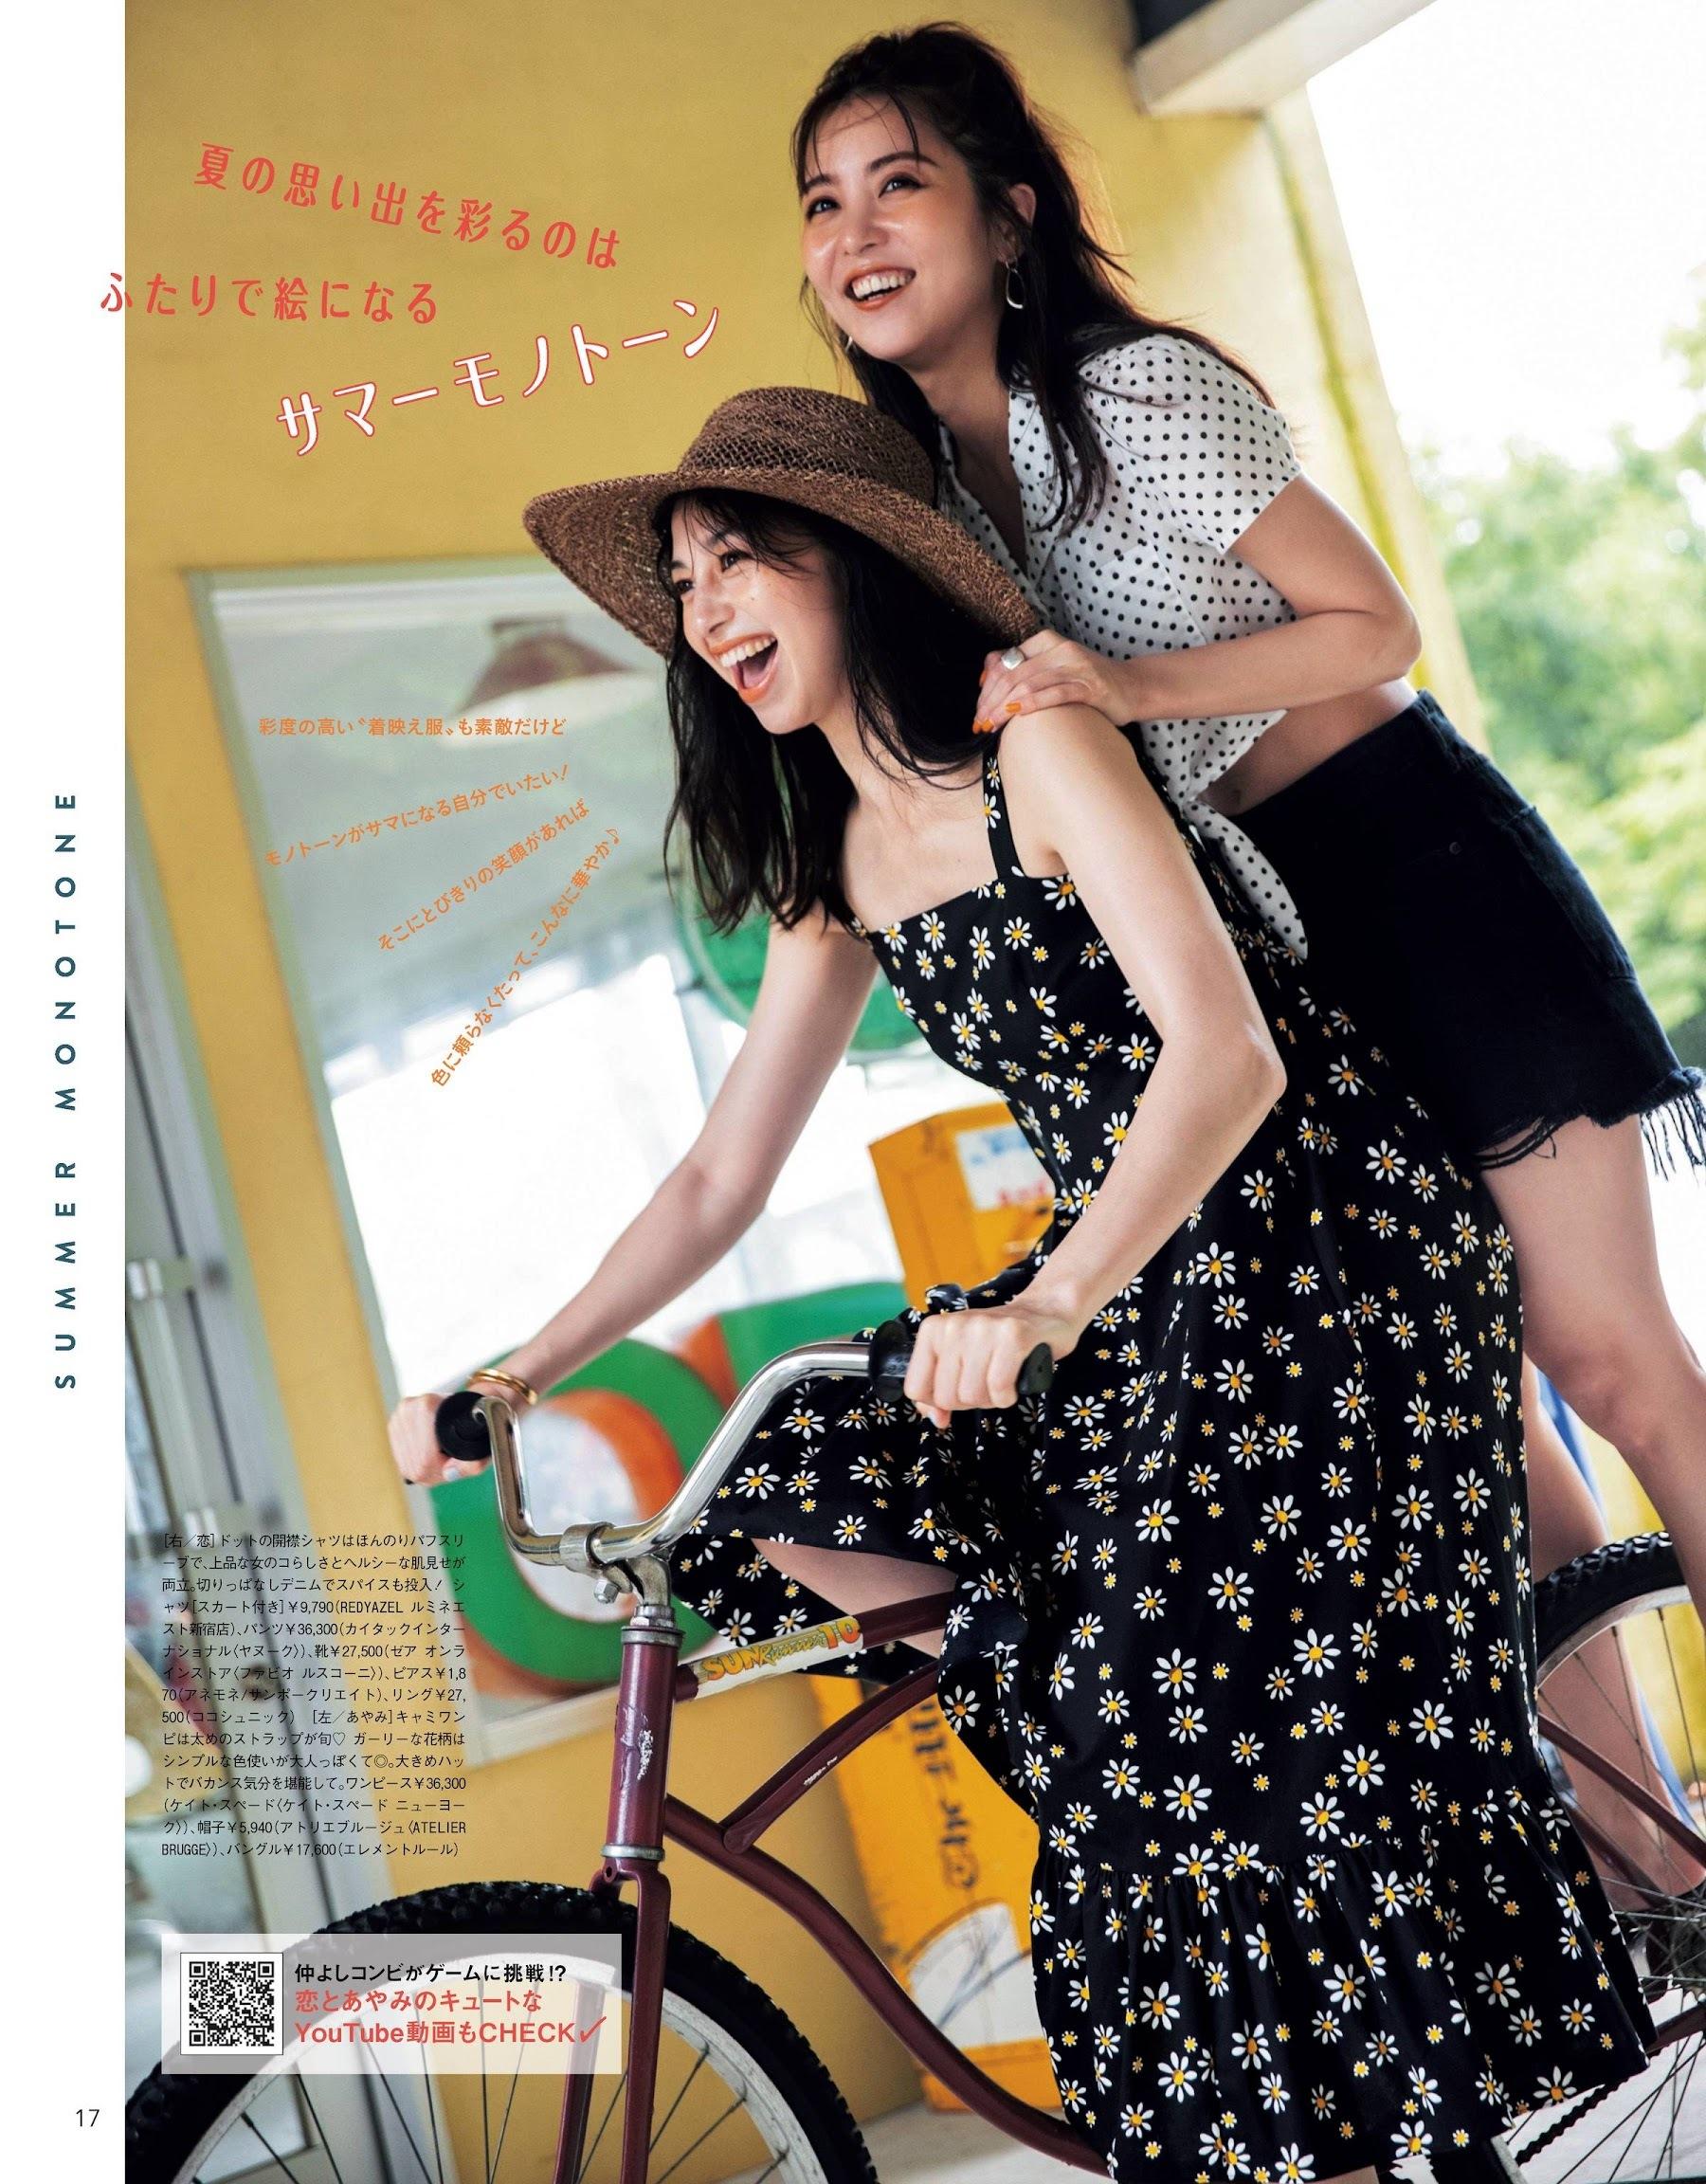 中条彩未 石川恋-CANCAM 2021.09 REN & AYAMI STARRING RETRO SUMMER DREAMS  高清套图 第8张